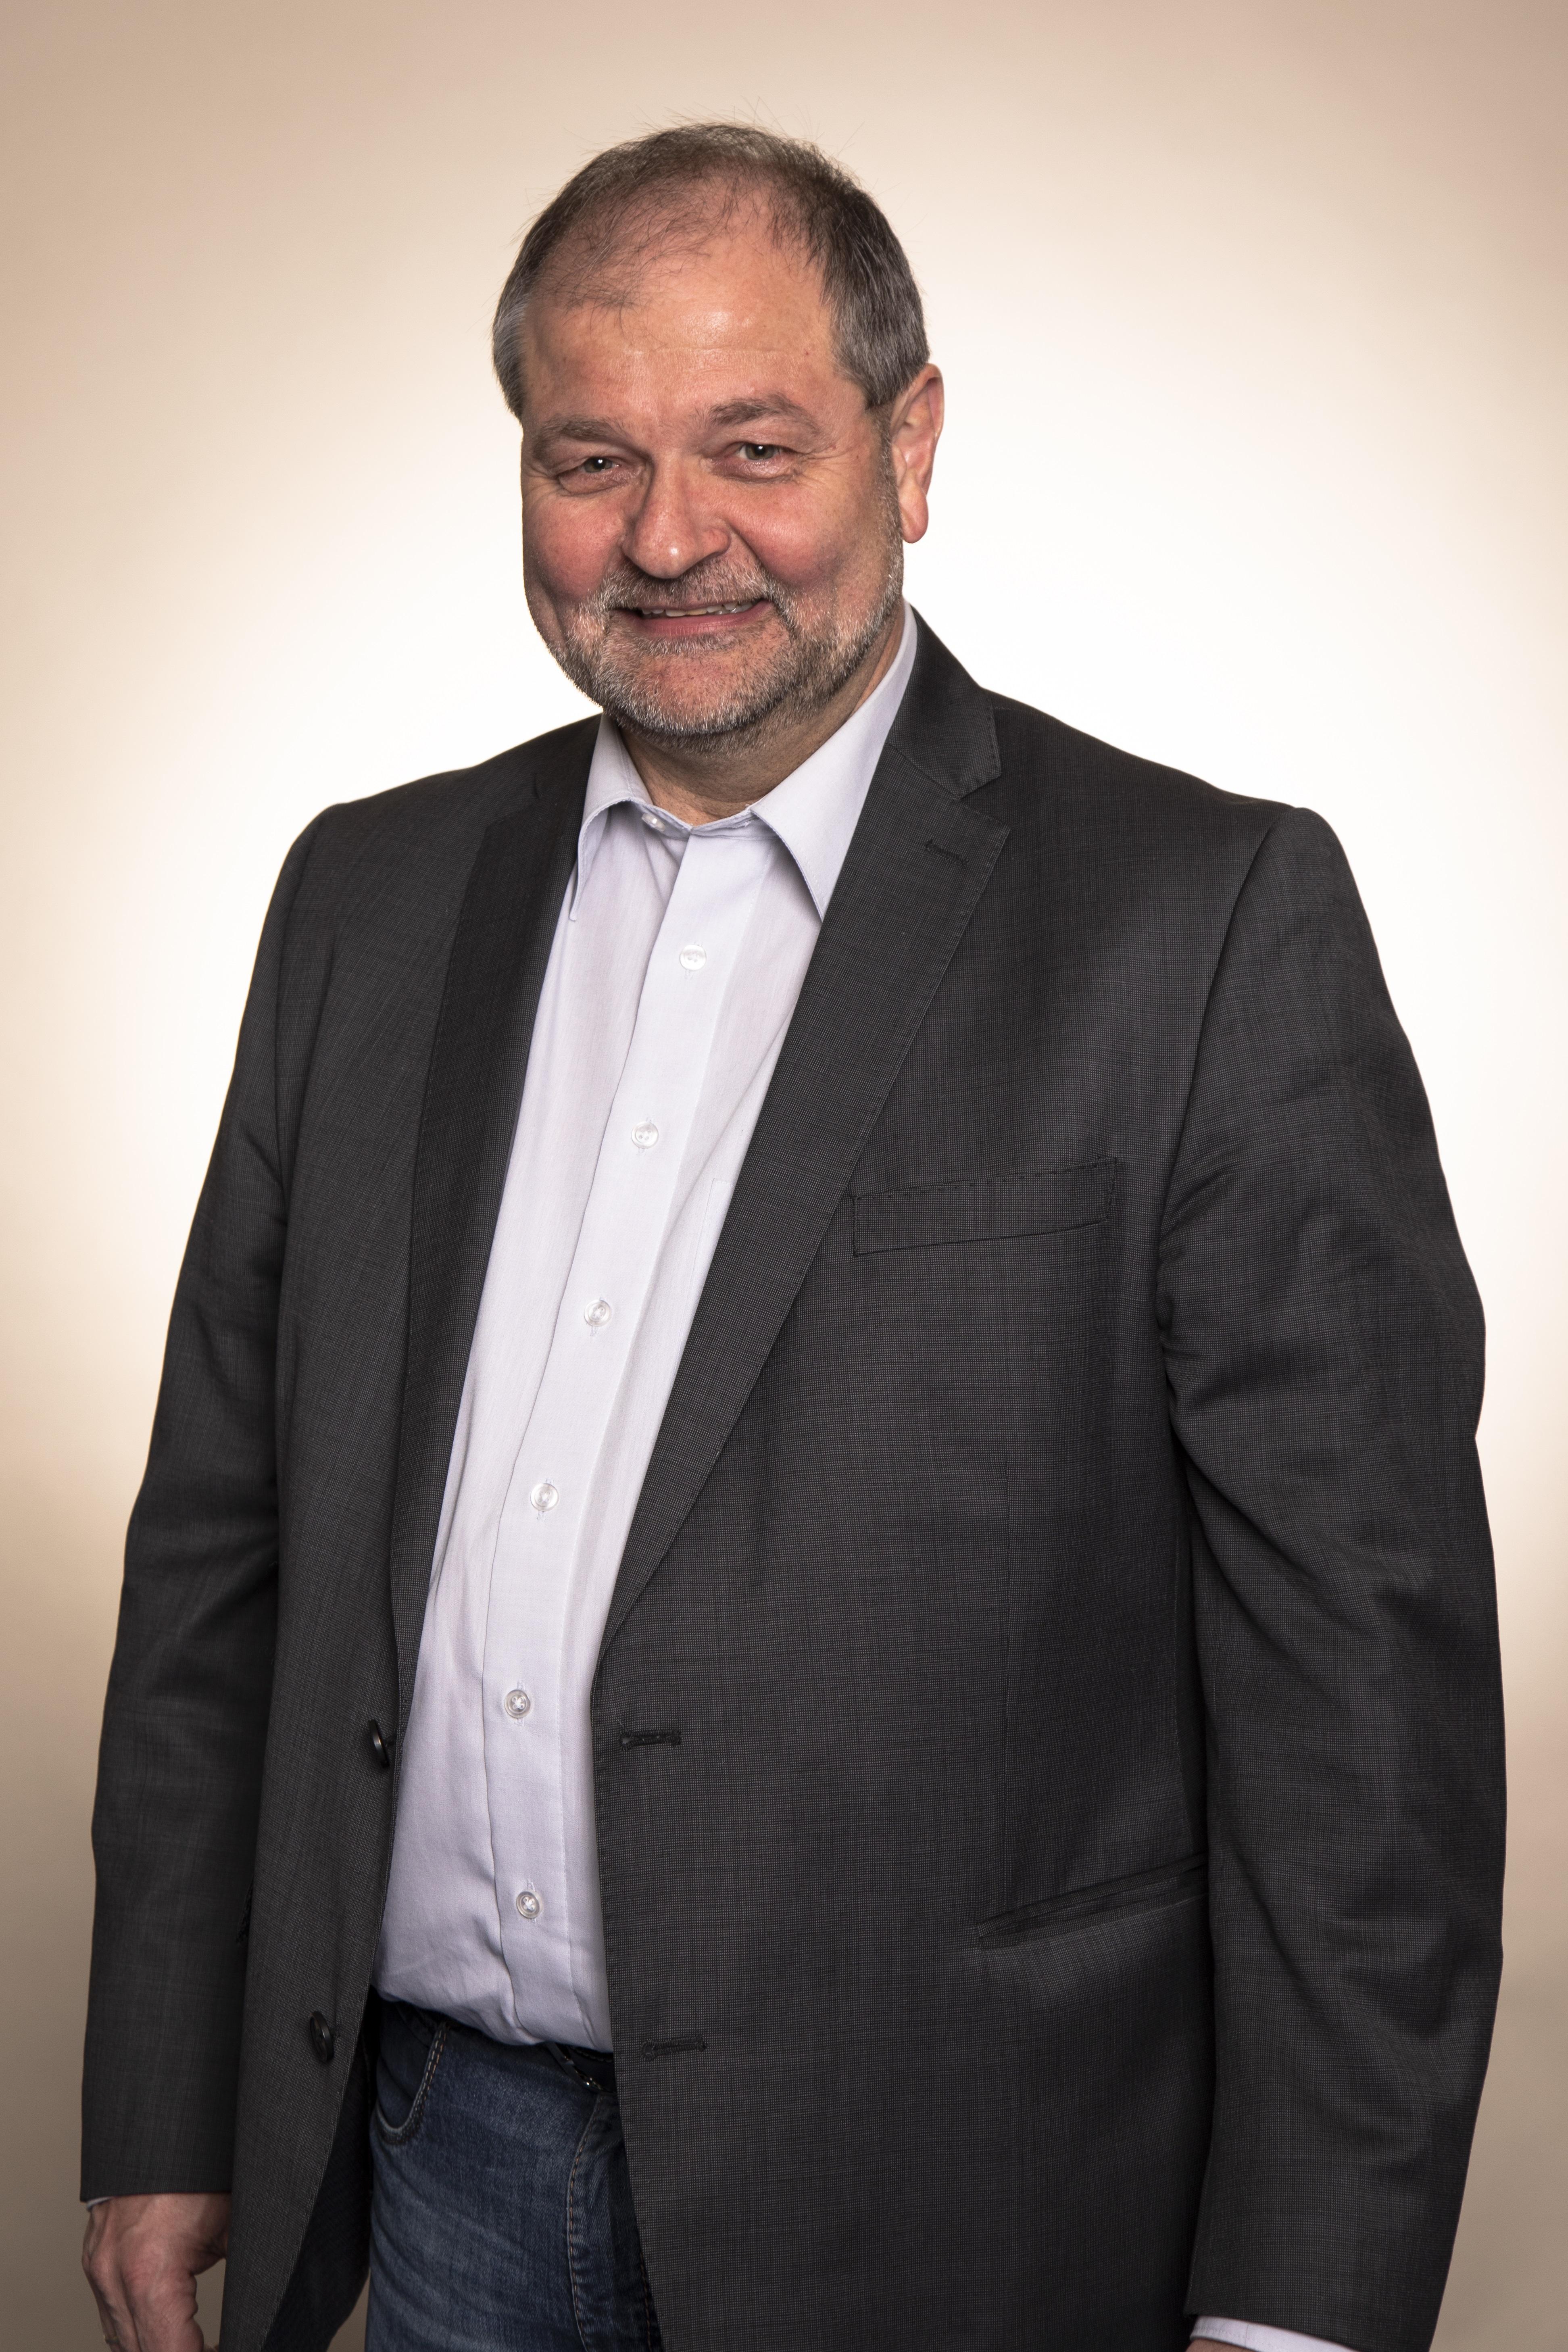 Karl Gundert